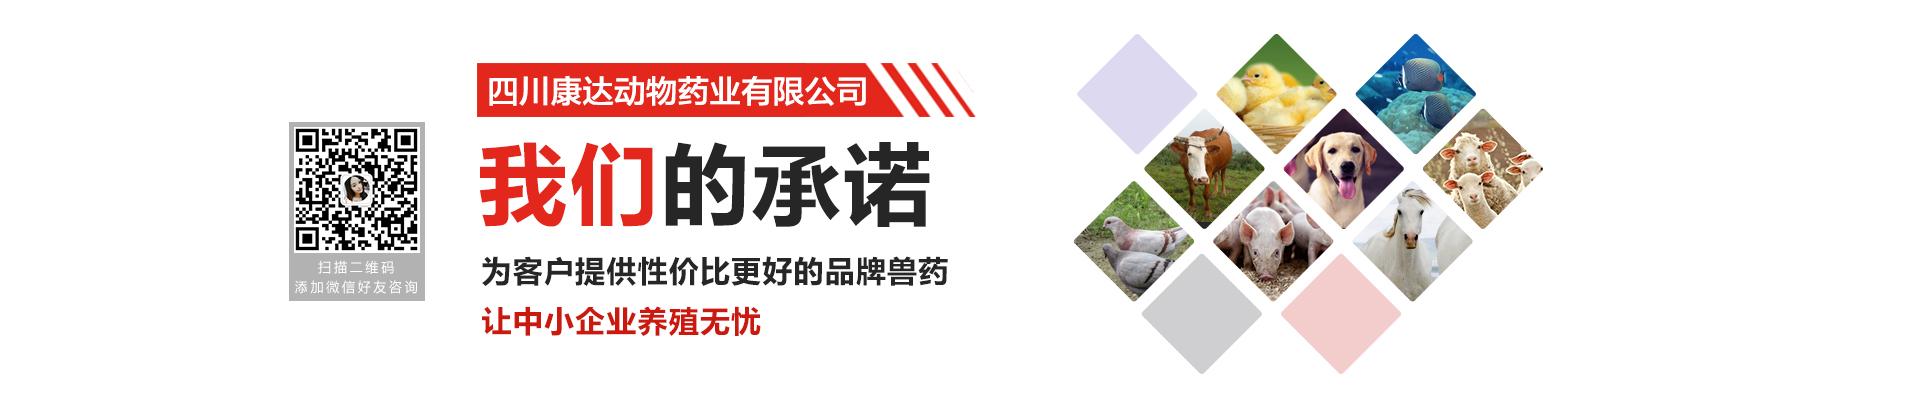 四川康达动物药业有限公司